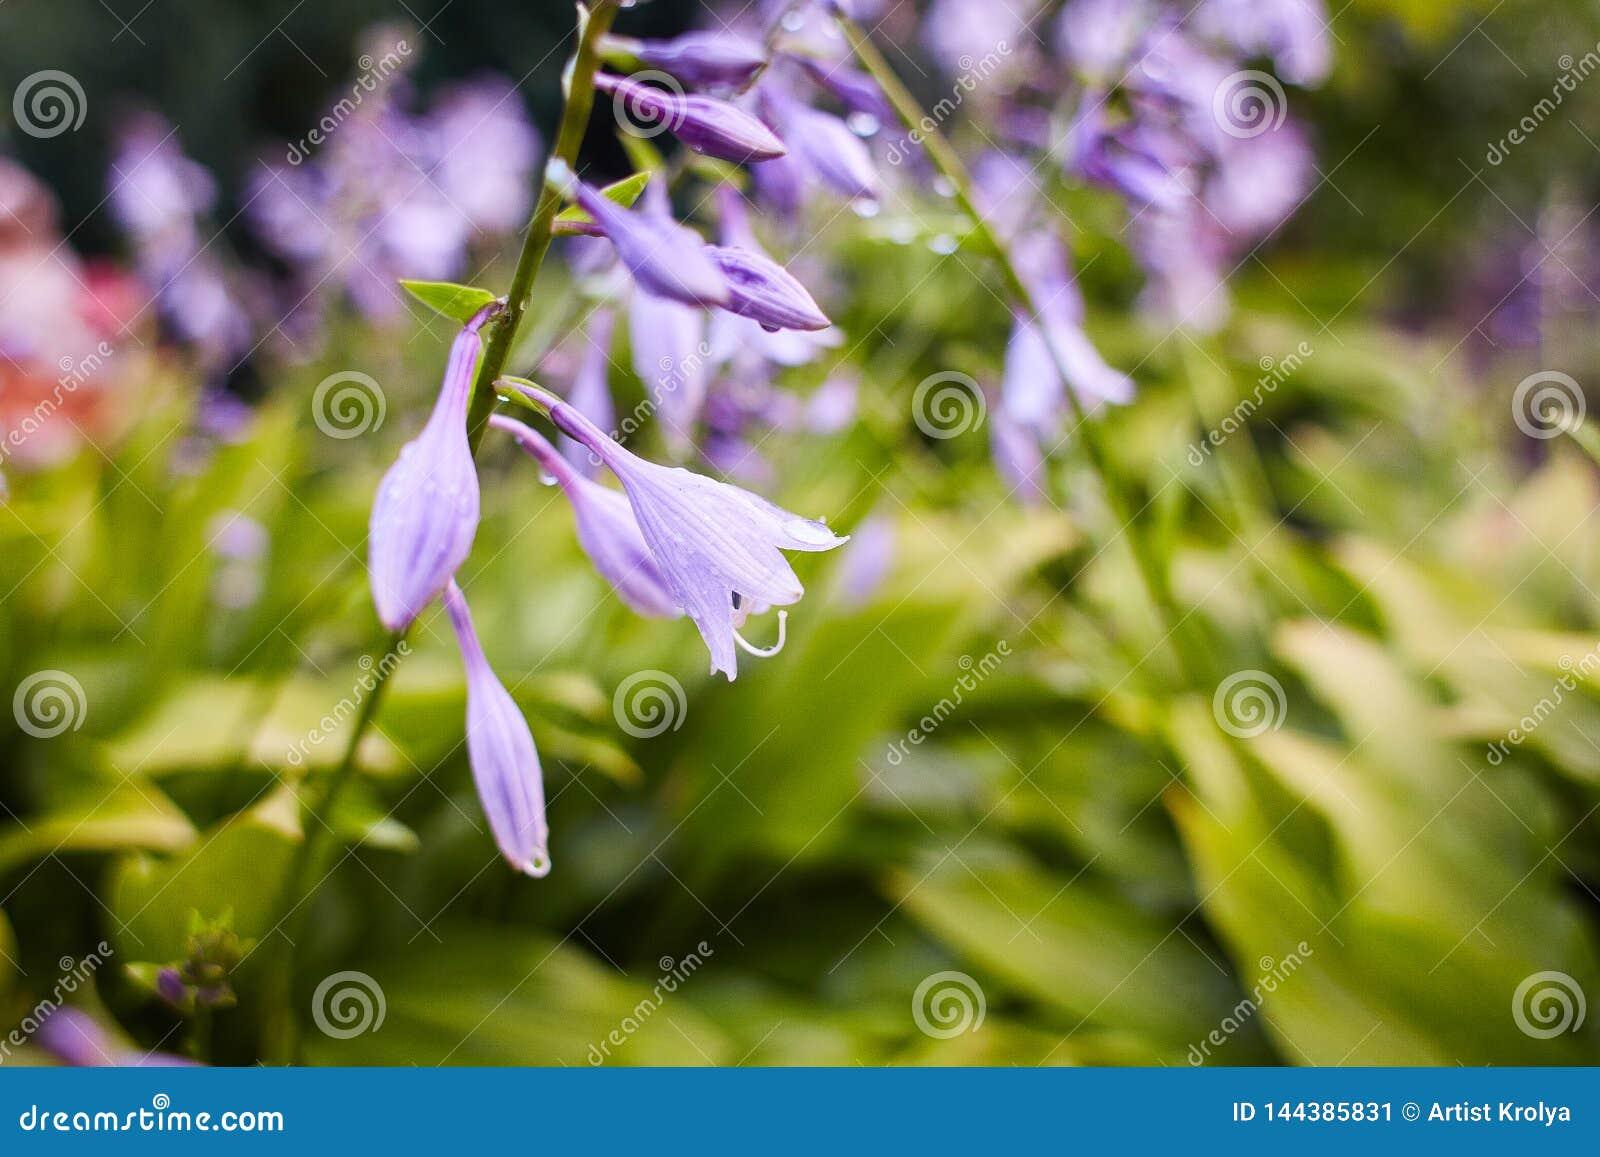 Κοινό persicifolia Campanula bellflower/ροδάκινο-με φύλλα bellflower με τις πτώσεις της βροχής στα ιώδη λουλούδια